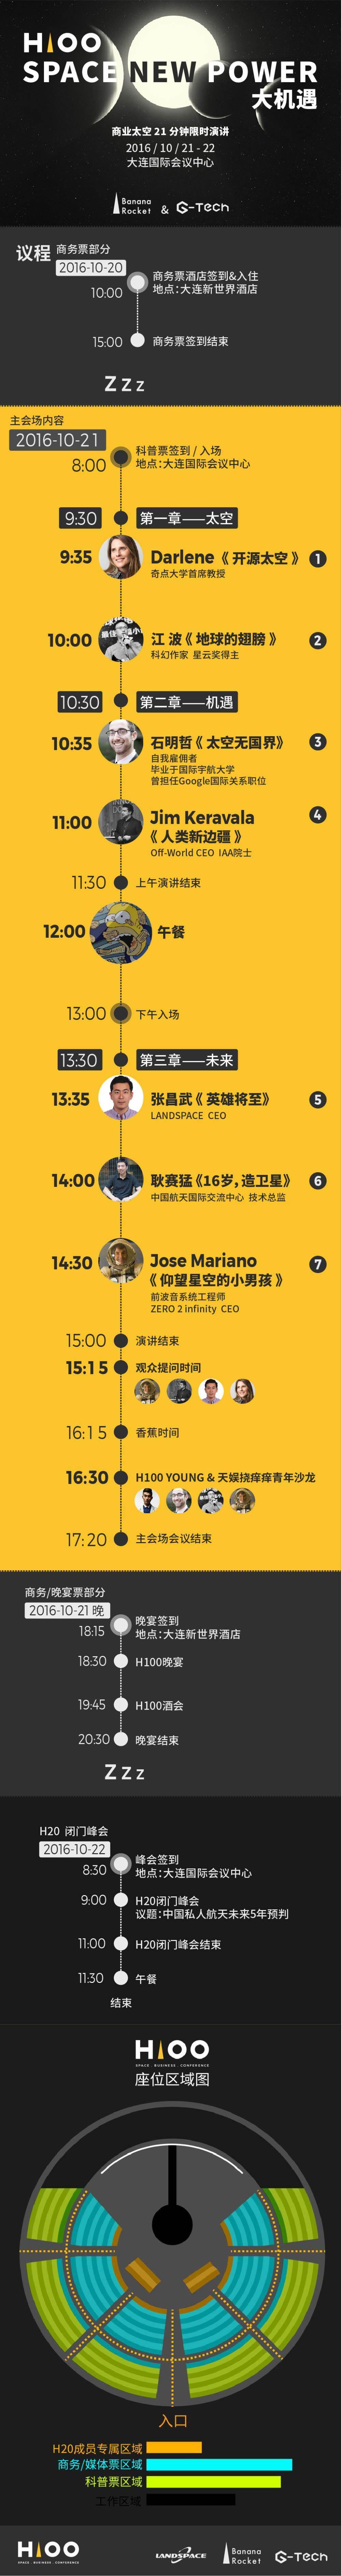 会议流程-01.jpg